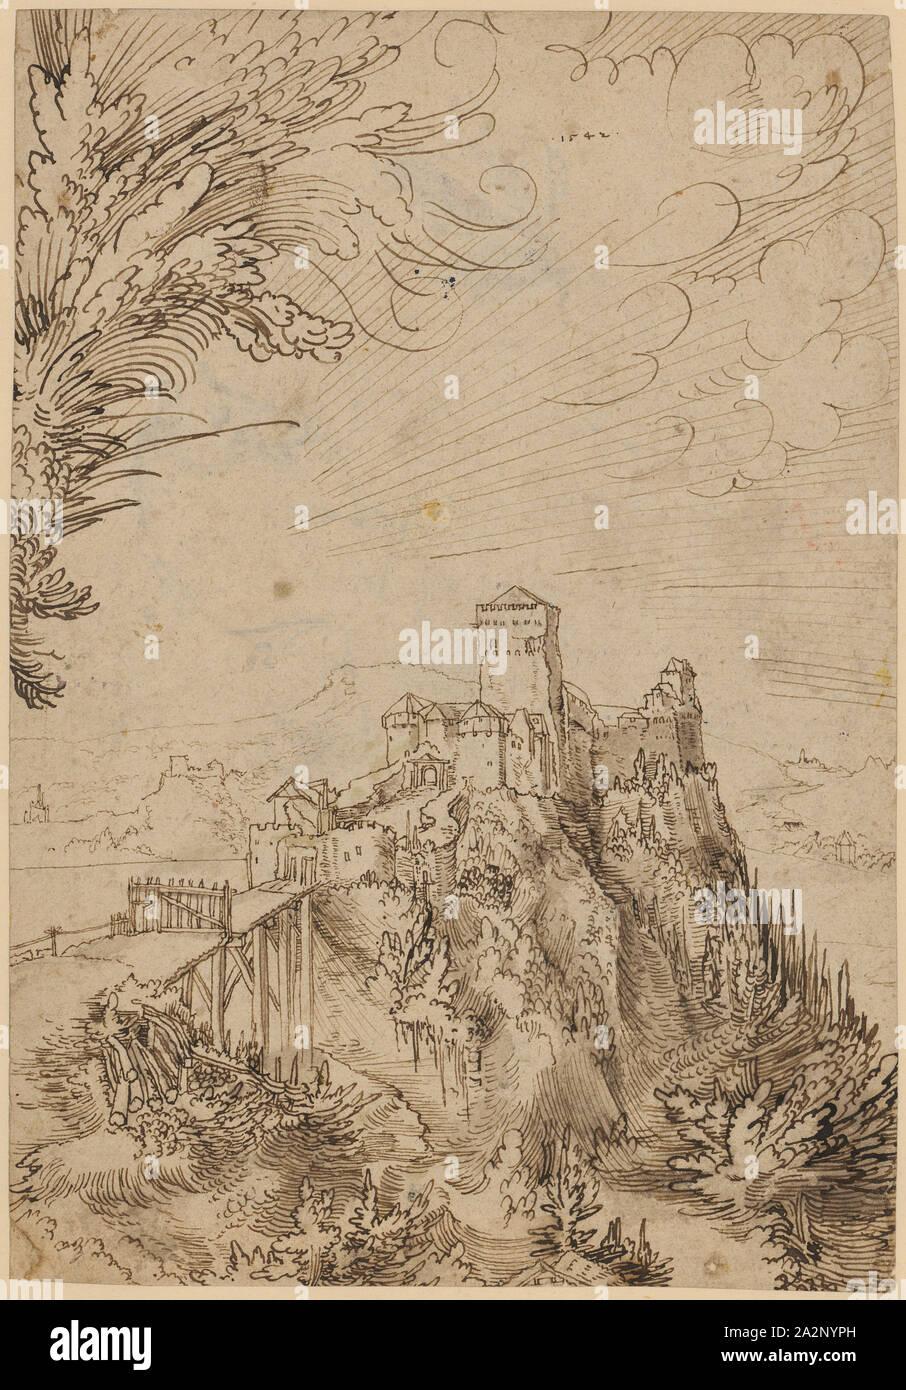 Burg Aggstein In Der Wachau 1542 Feder In Braun Braun Gewaschen